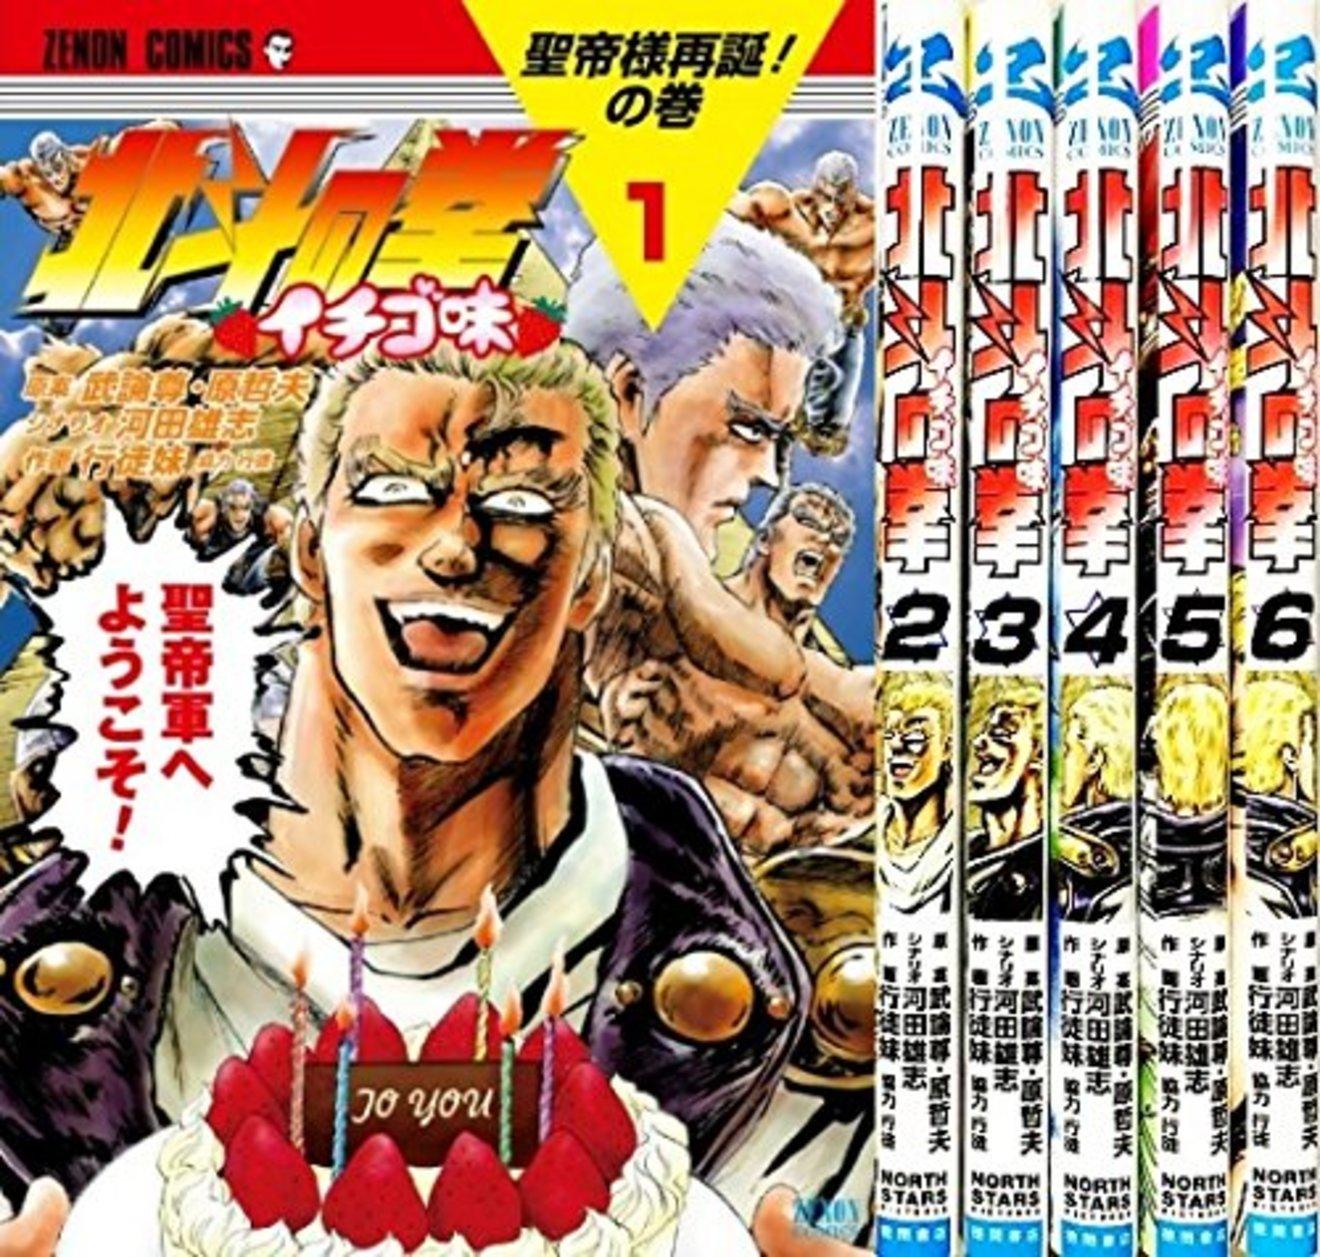 『北斗の拳 イチゴ味』9巻もカオスな面白さ!著作権の無駄遣い漫画が無料